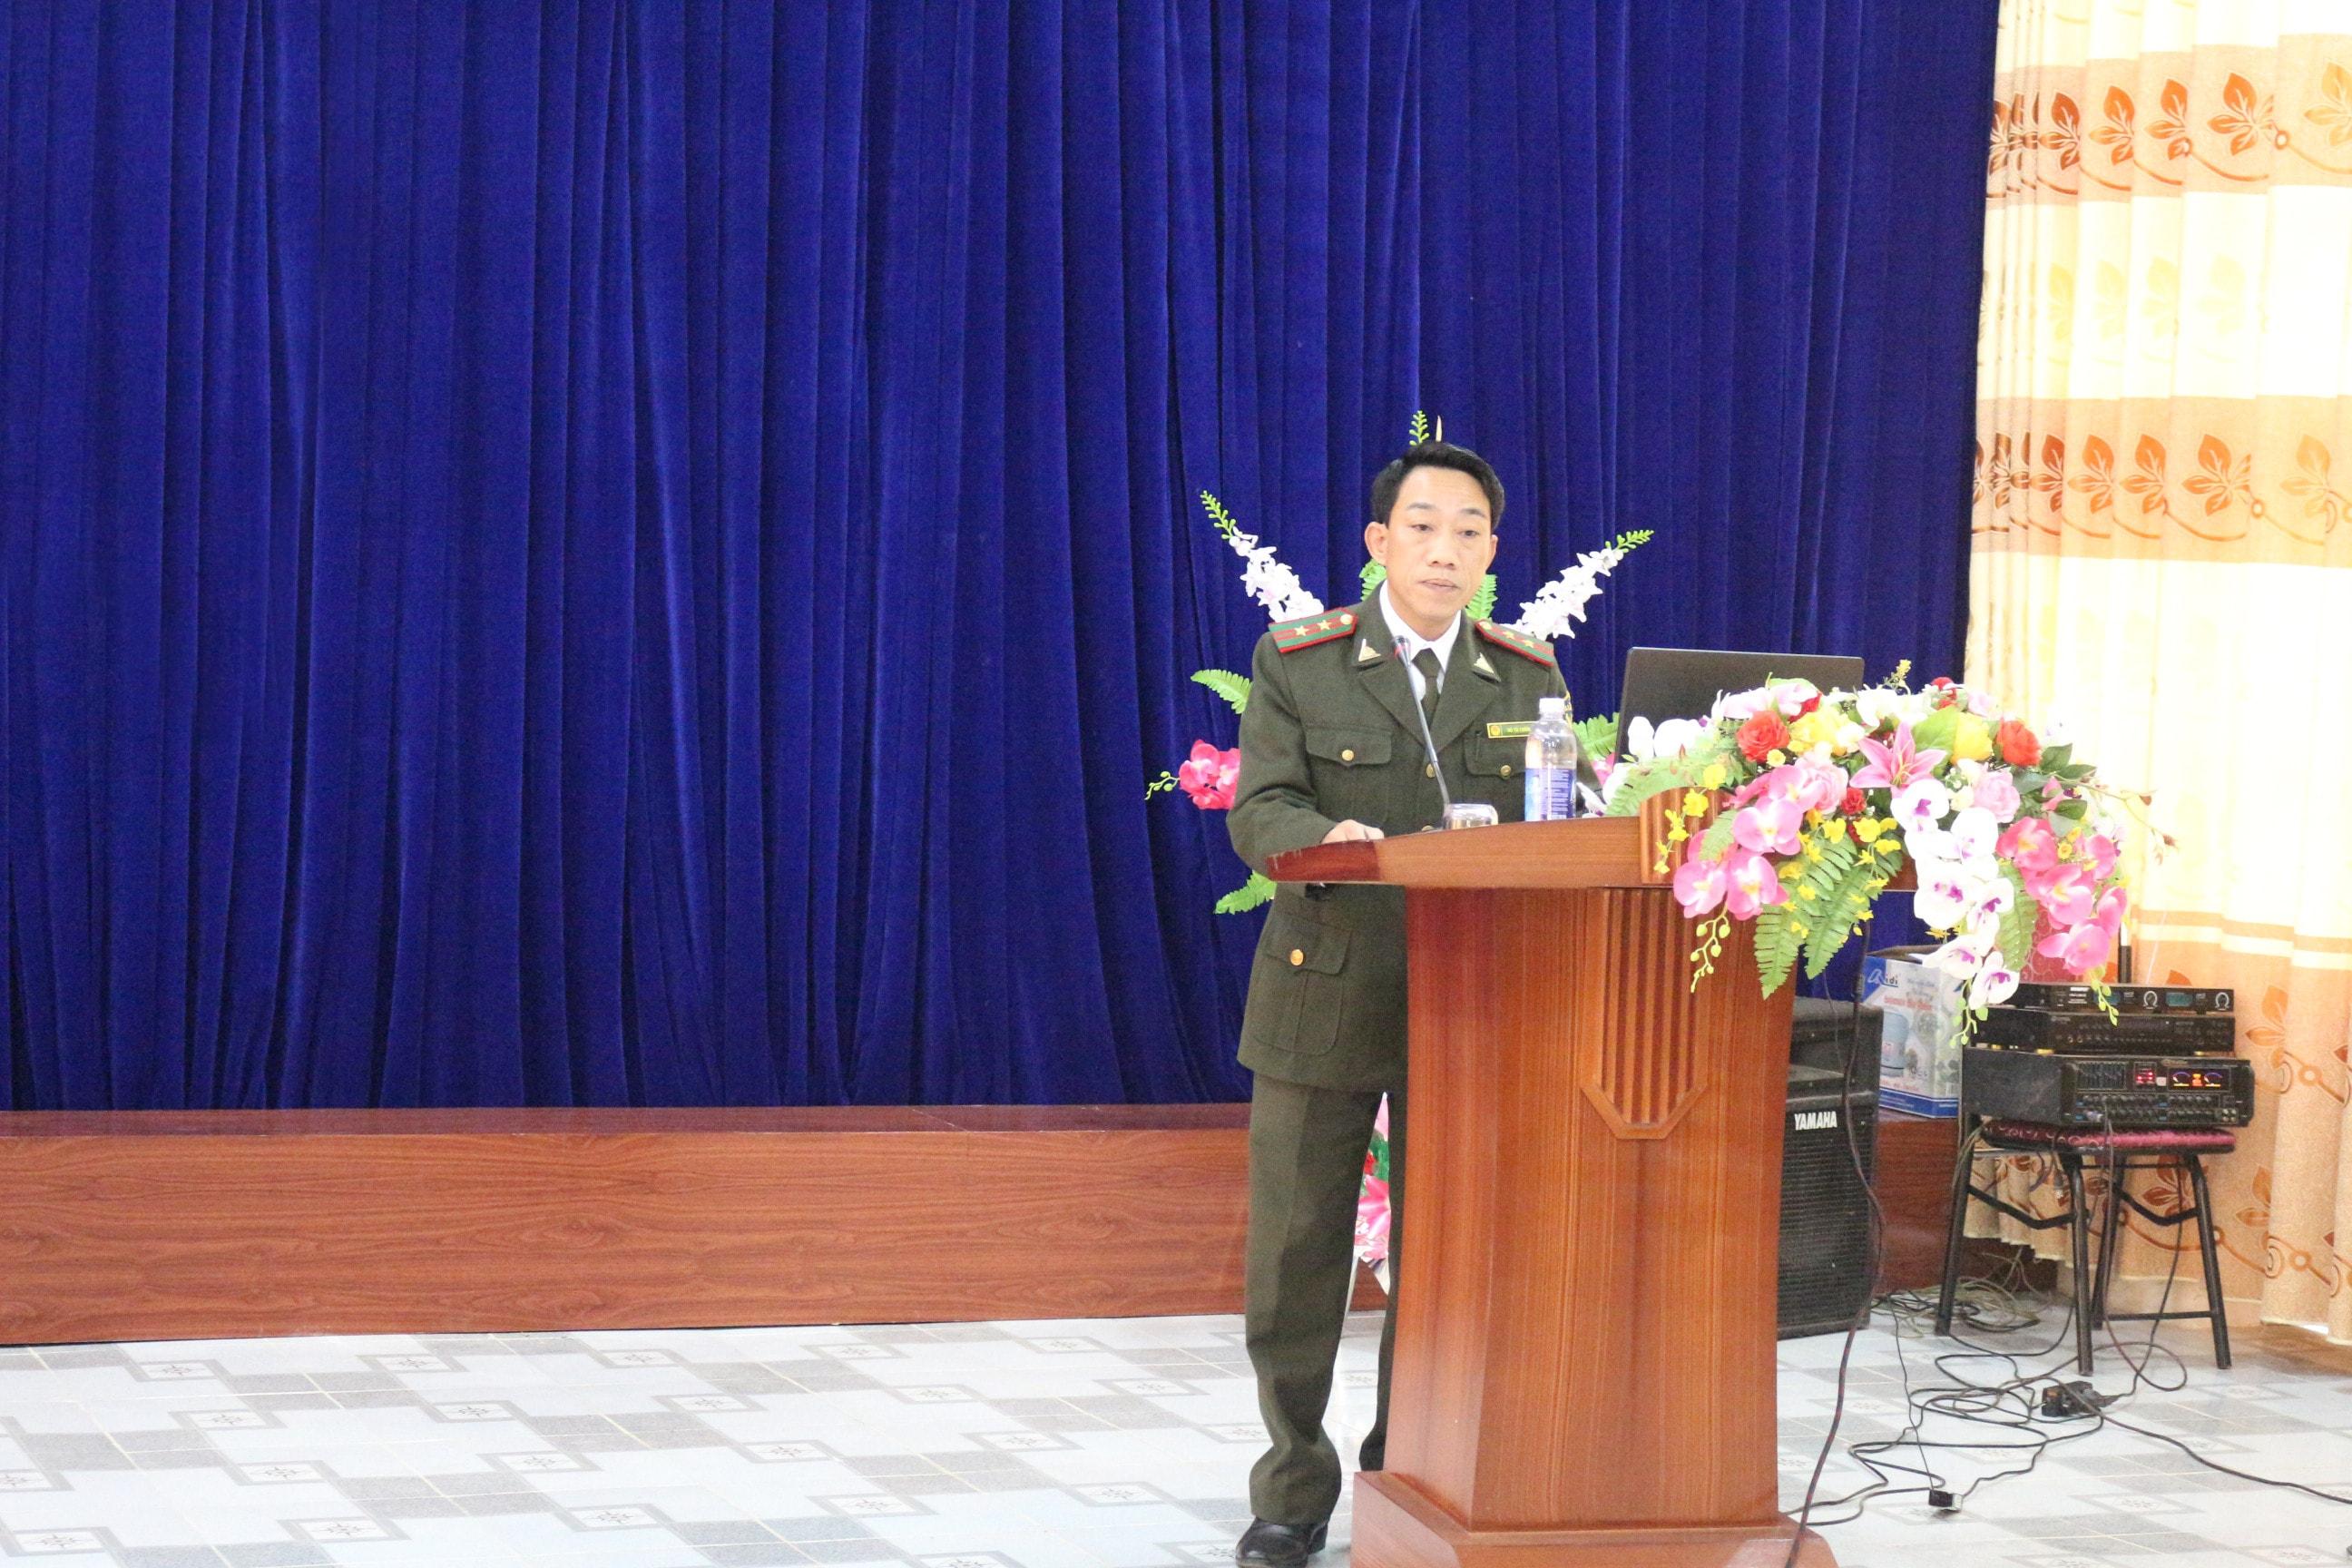 Ông Vũ Tá Luân - Trưởng phòng Tổ chức xây dựng lực lượng phát biểu trước khóa tập huấn